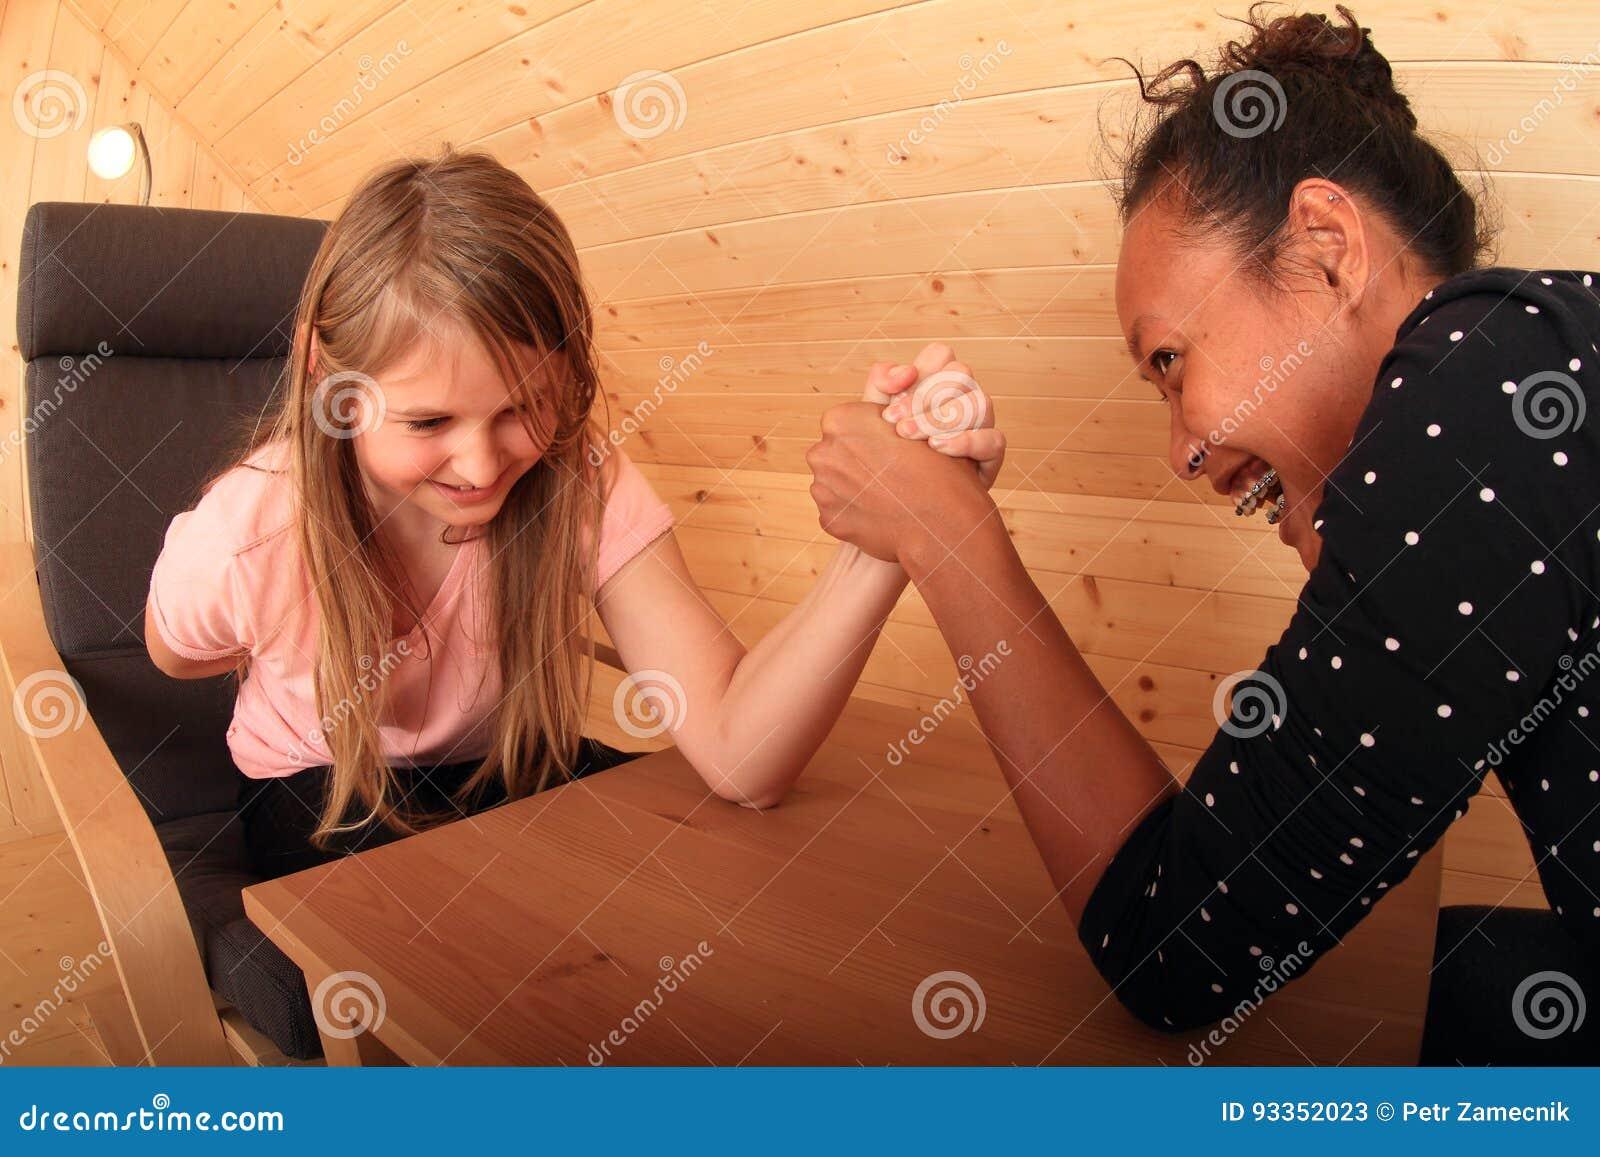 Mädchen armdrücken Armdrücken gegen